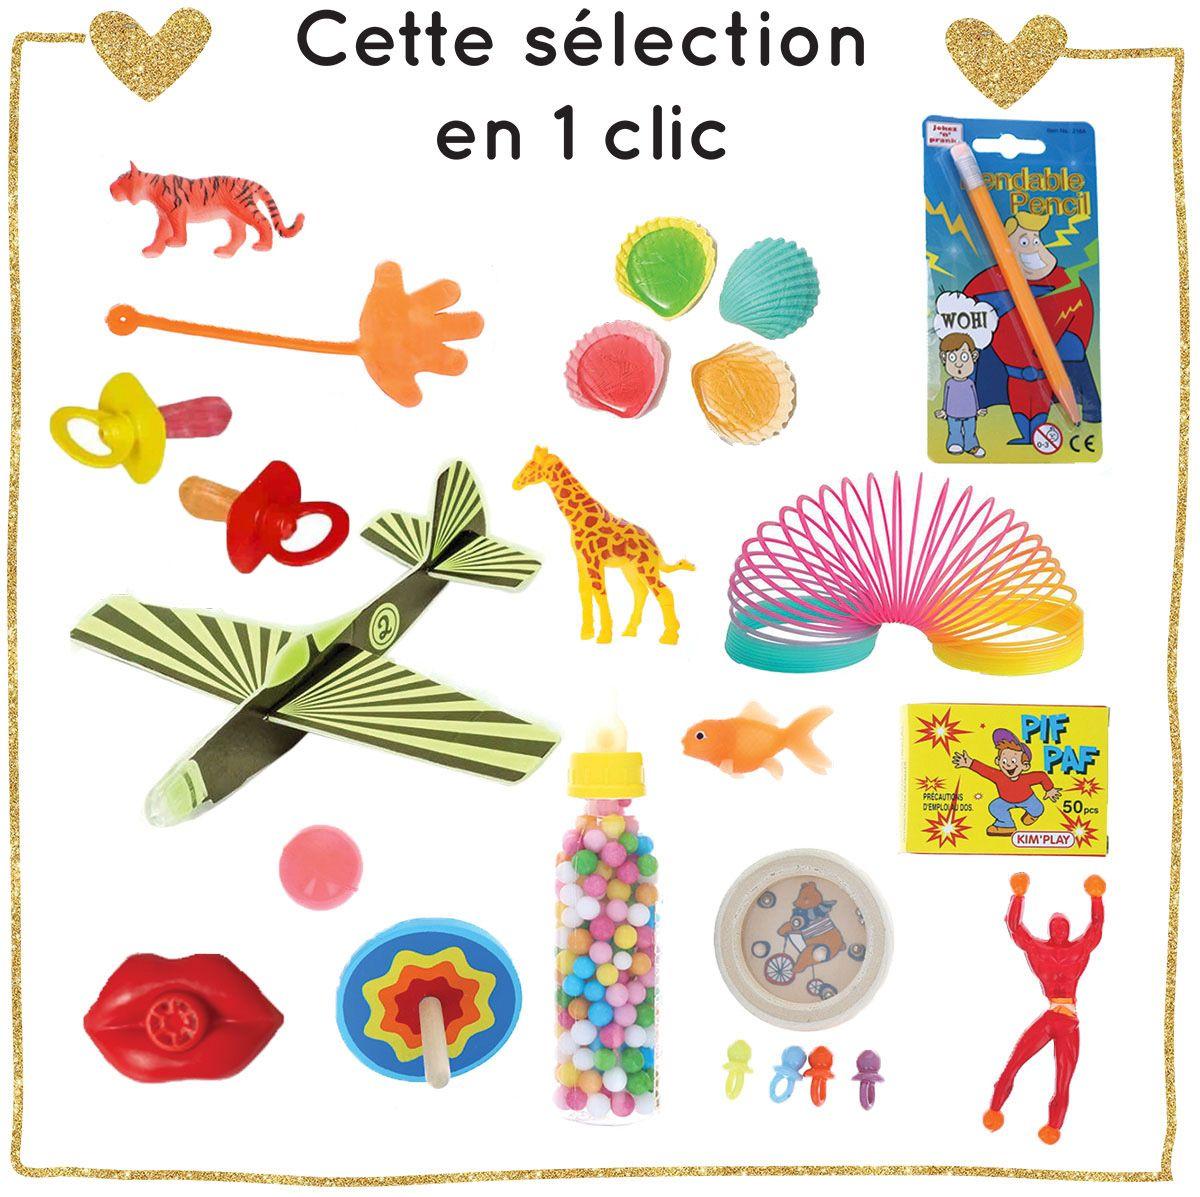 selection_en_1clic-calendrier